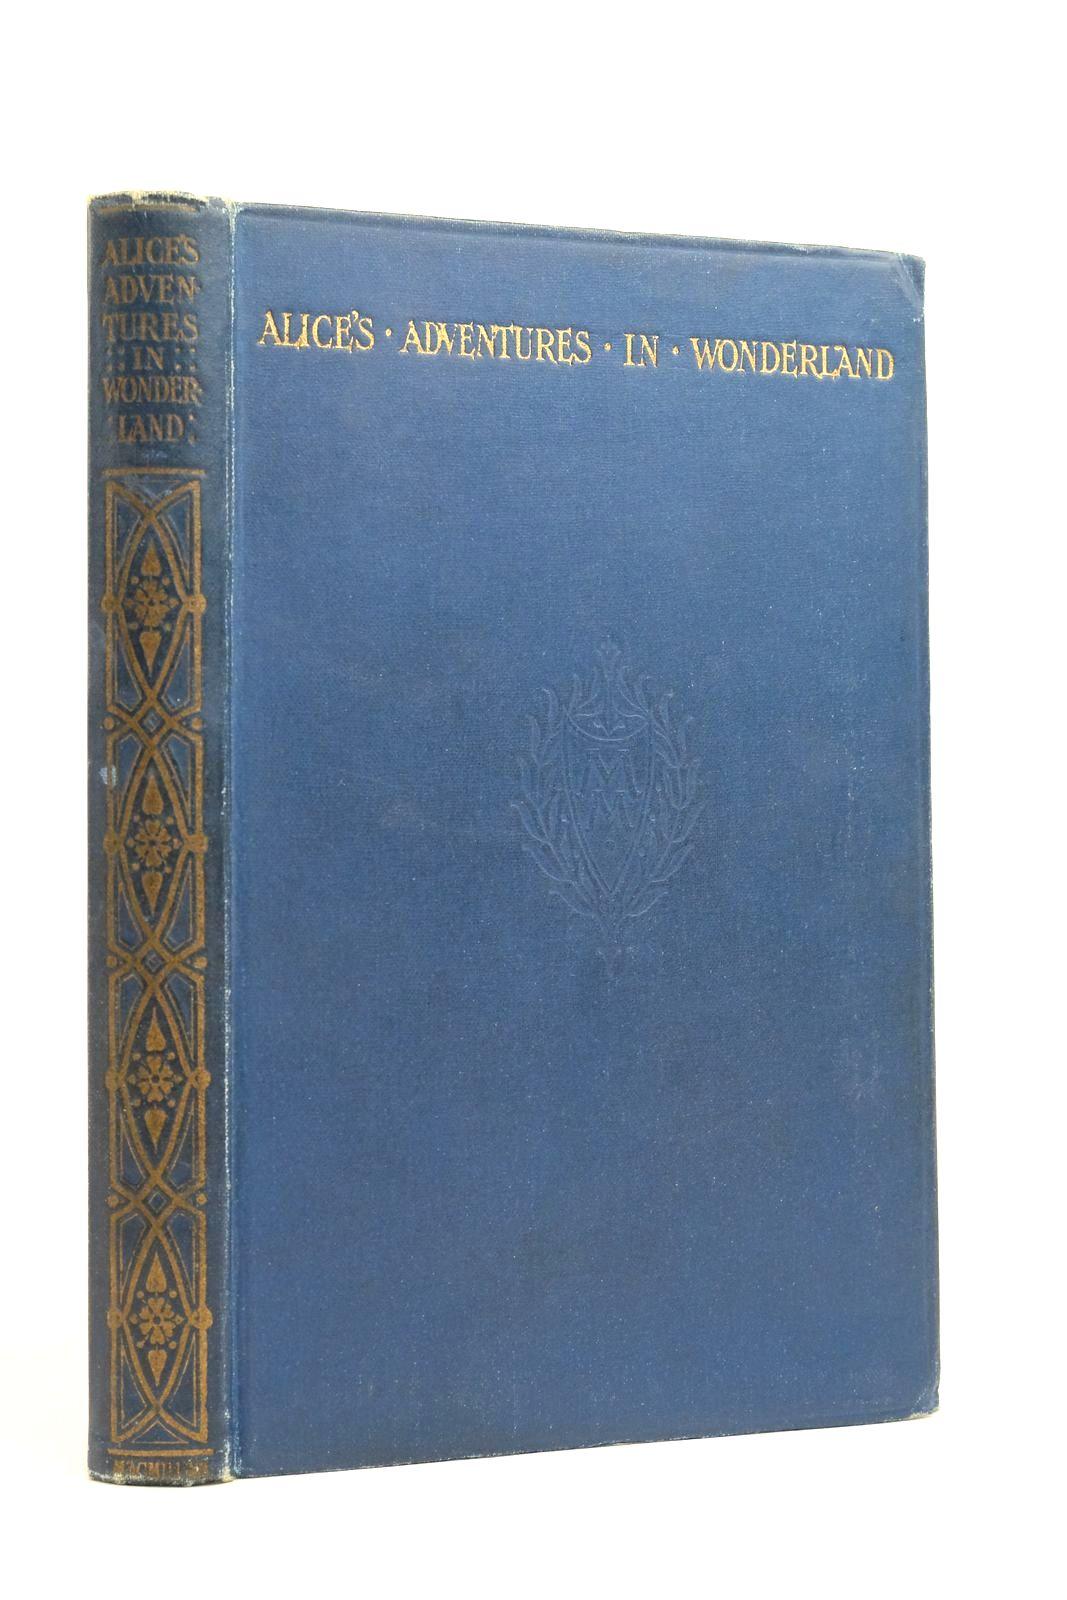 Photo of ALICE'S ADVENTURES IN WONDERLAND- Stock Number: 2135151